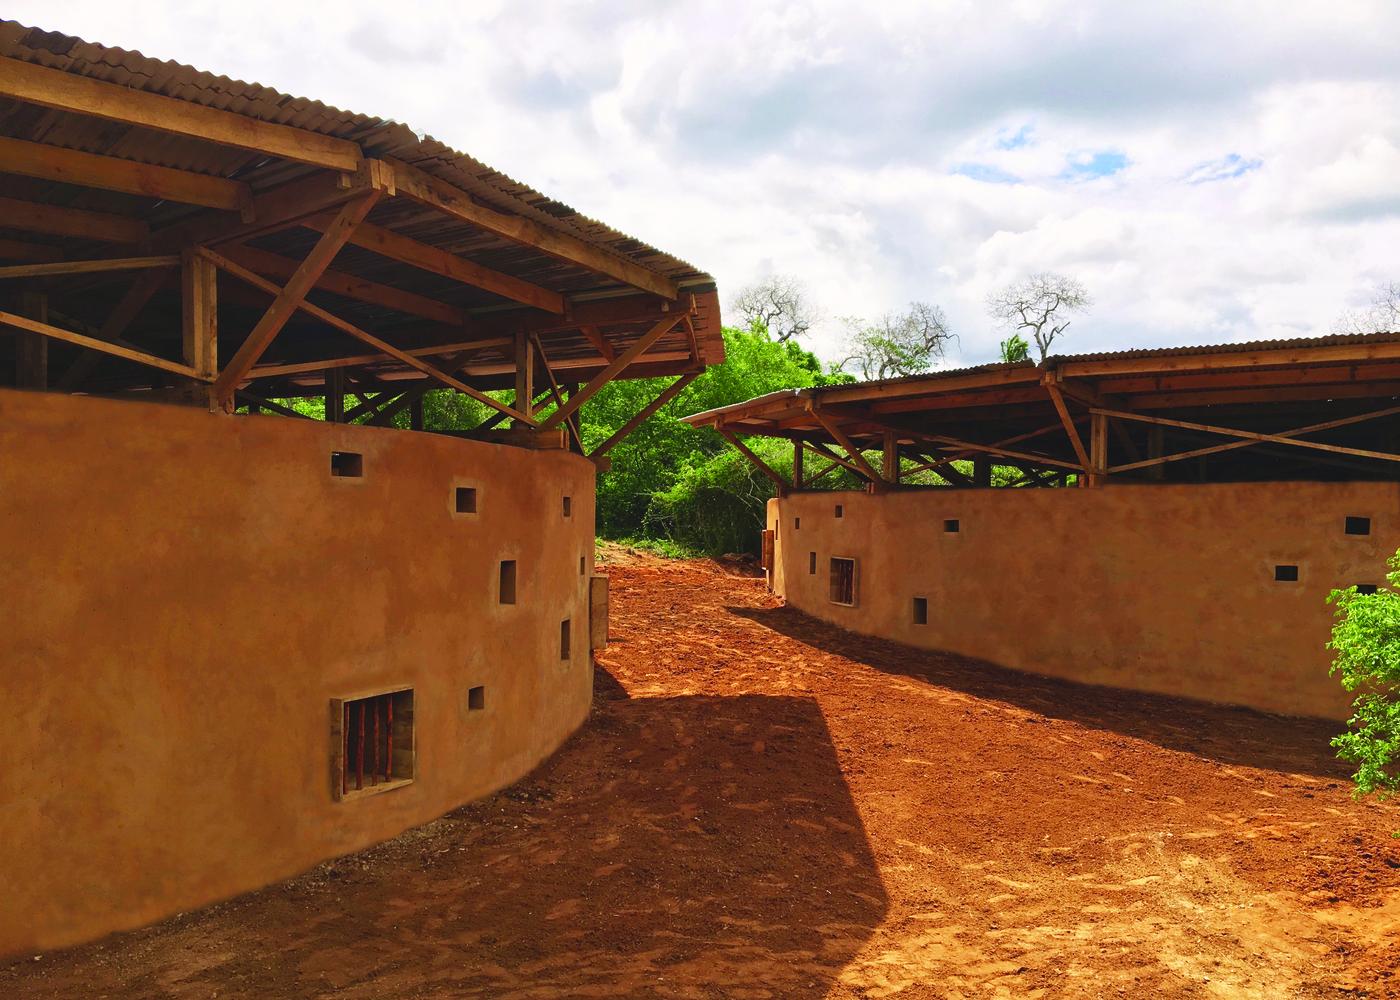 ศูนย์การศึกษา Eco Moyo ในเคนย่า โรงเรียนมีดีไซน์ + ท้าทายการศึกษาระบบเก่าๆ